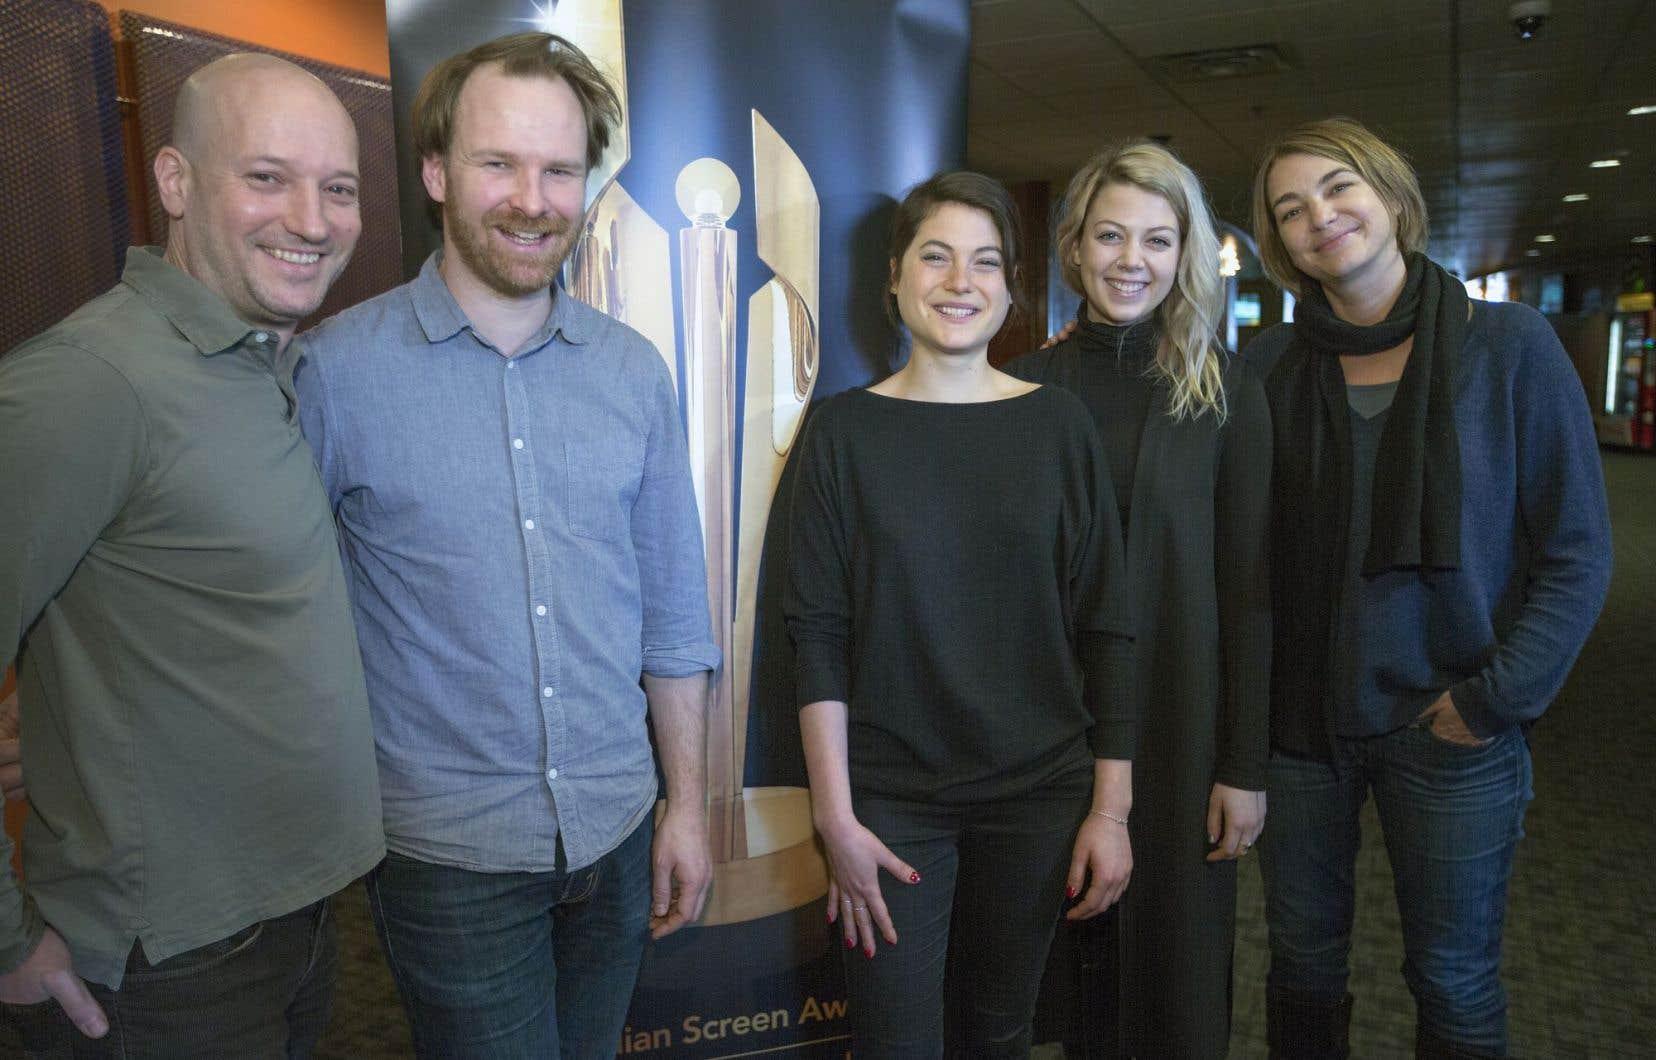 Luc Déry, à gauche, et Kim McCraw, à droite, de micro_scope, ont vu le film qu'ils ont produit, «Tu dors Nicole», obtenir six mises en nomination. Ils sont accompagnés du réalisateur Stéphane Lafleur et des actrices Julianne Côté et Catherine St-Laurent.